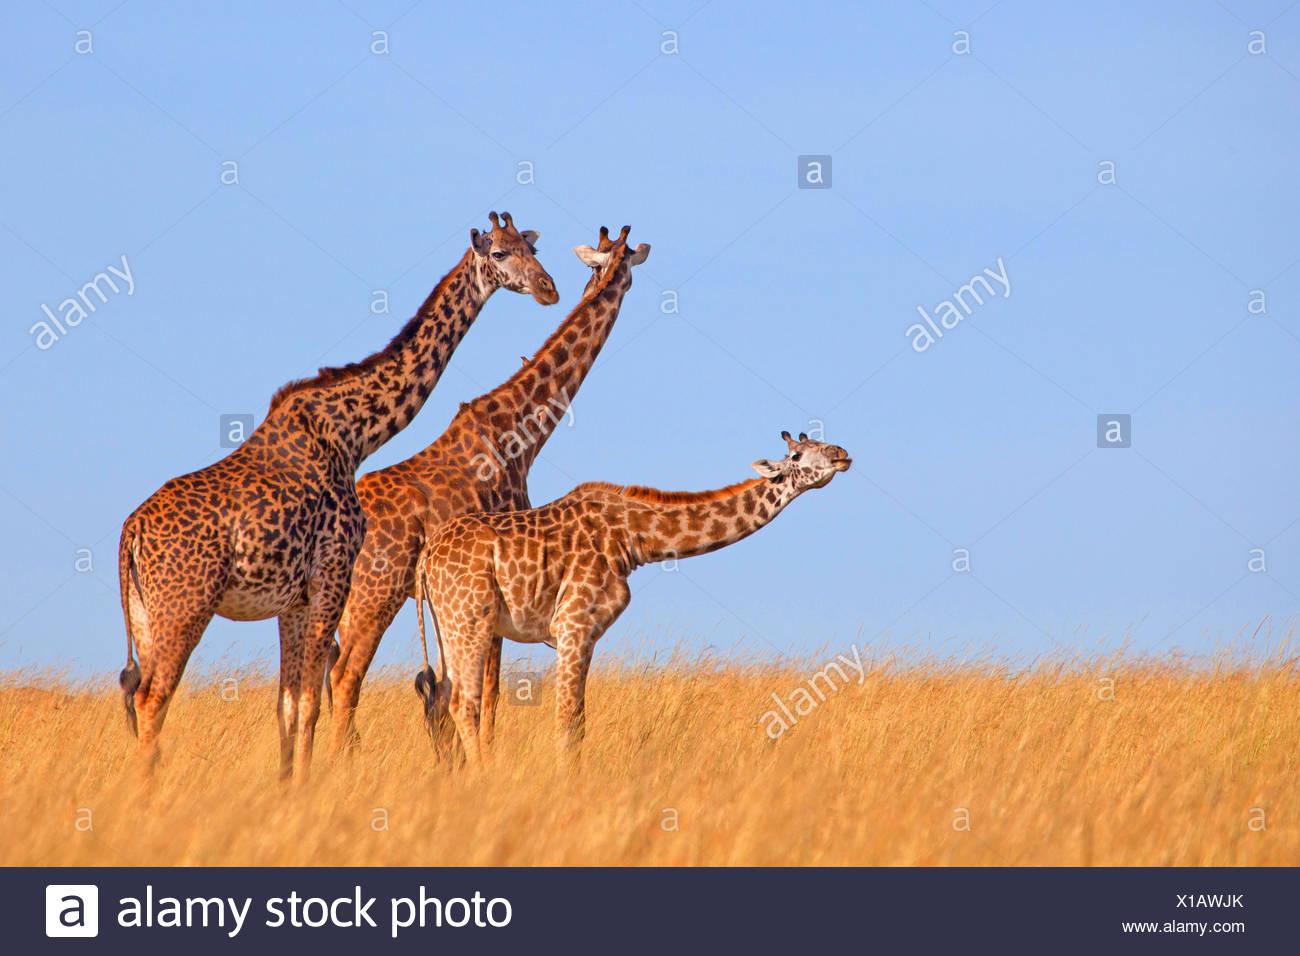 Masai giraffe (Giraffa camelopardalis tippelskirchi), tre giraffe a Savannah, Kenia Masai Mara National Park Immagini Stock